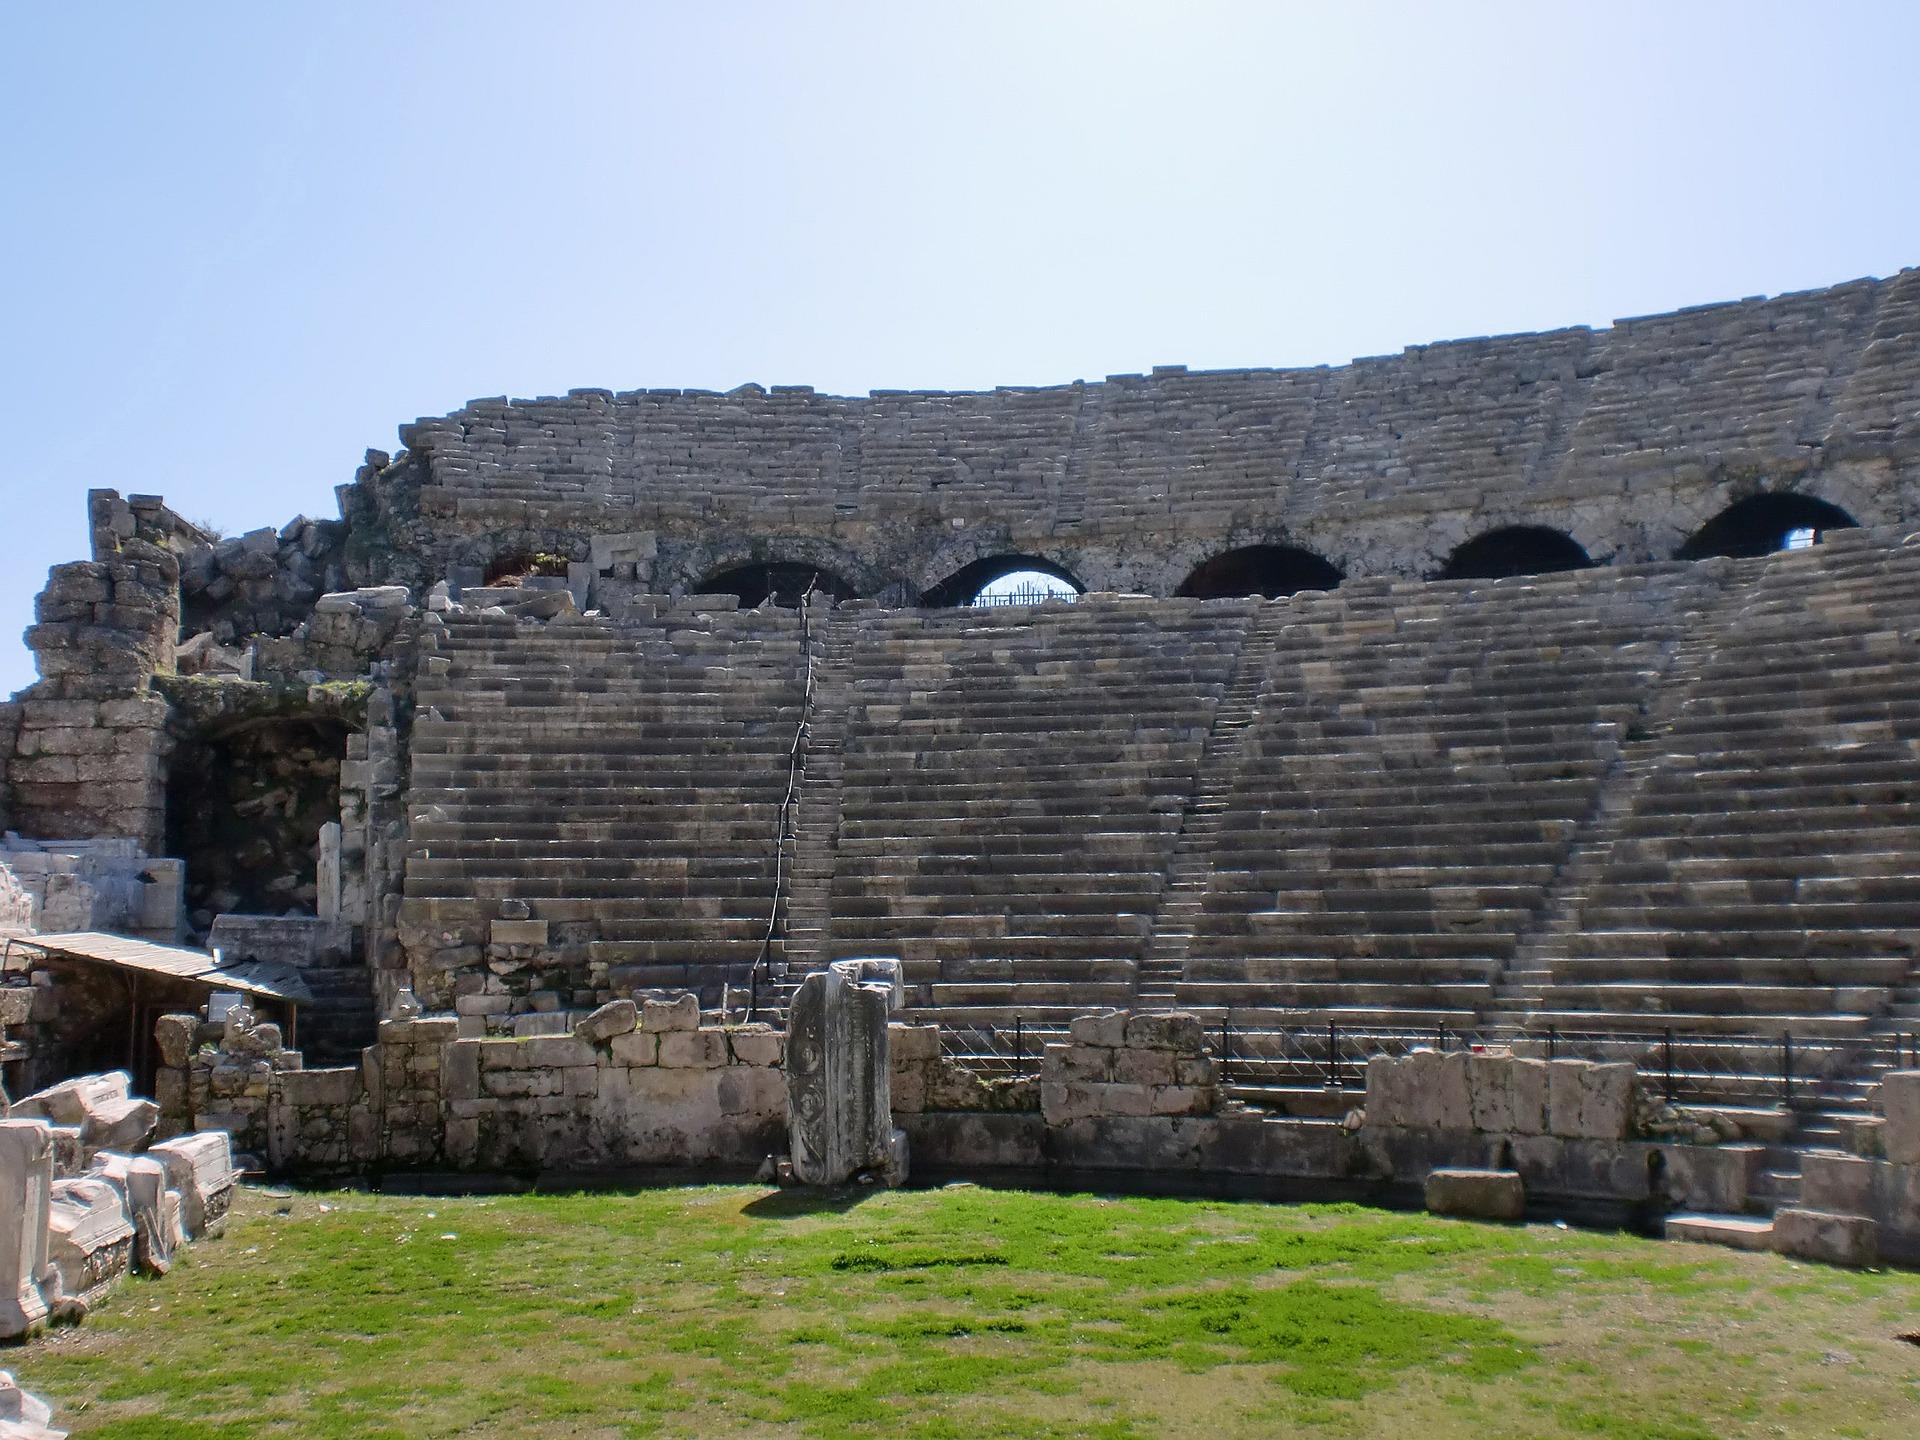 Ferien in der Türkei- Alanya's Antike schätze der Römer